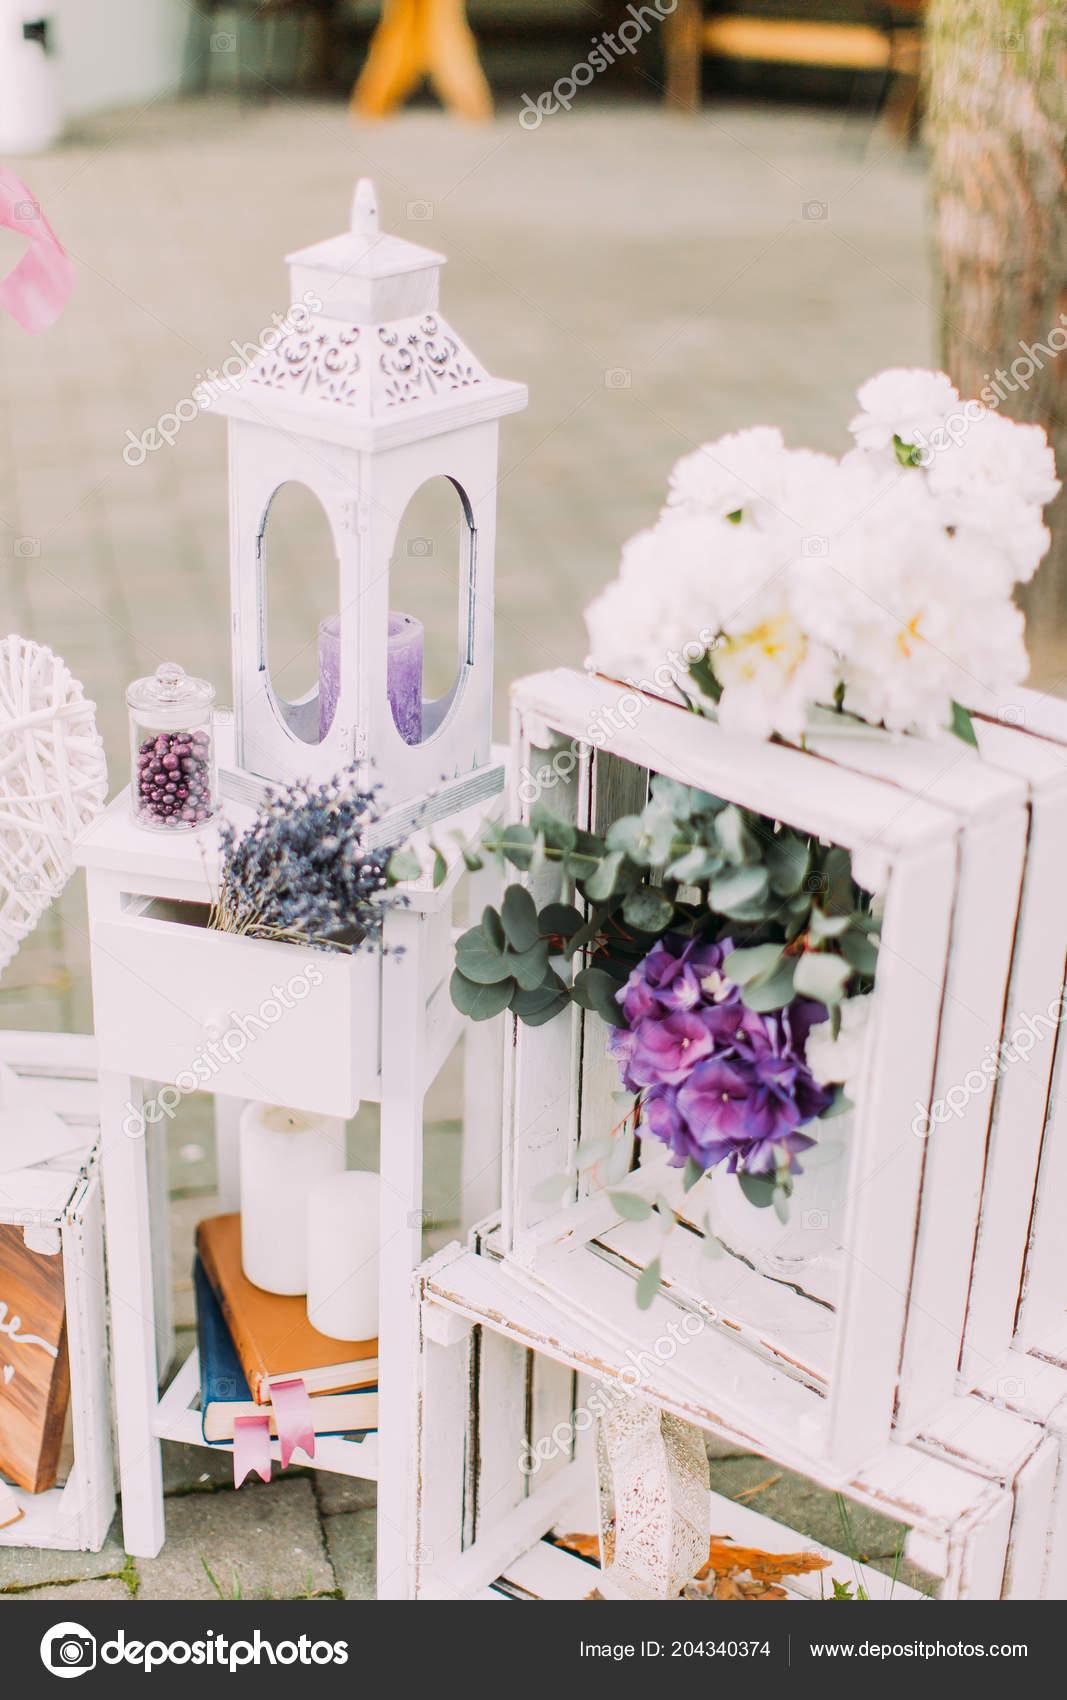 Vintage Hochzeit Komposition Weissen Kiste Dekoriert Mit Bunten